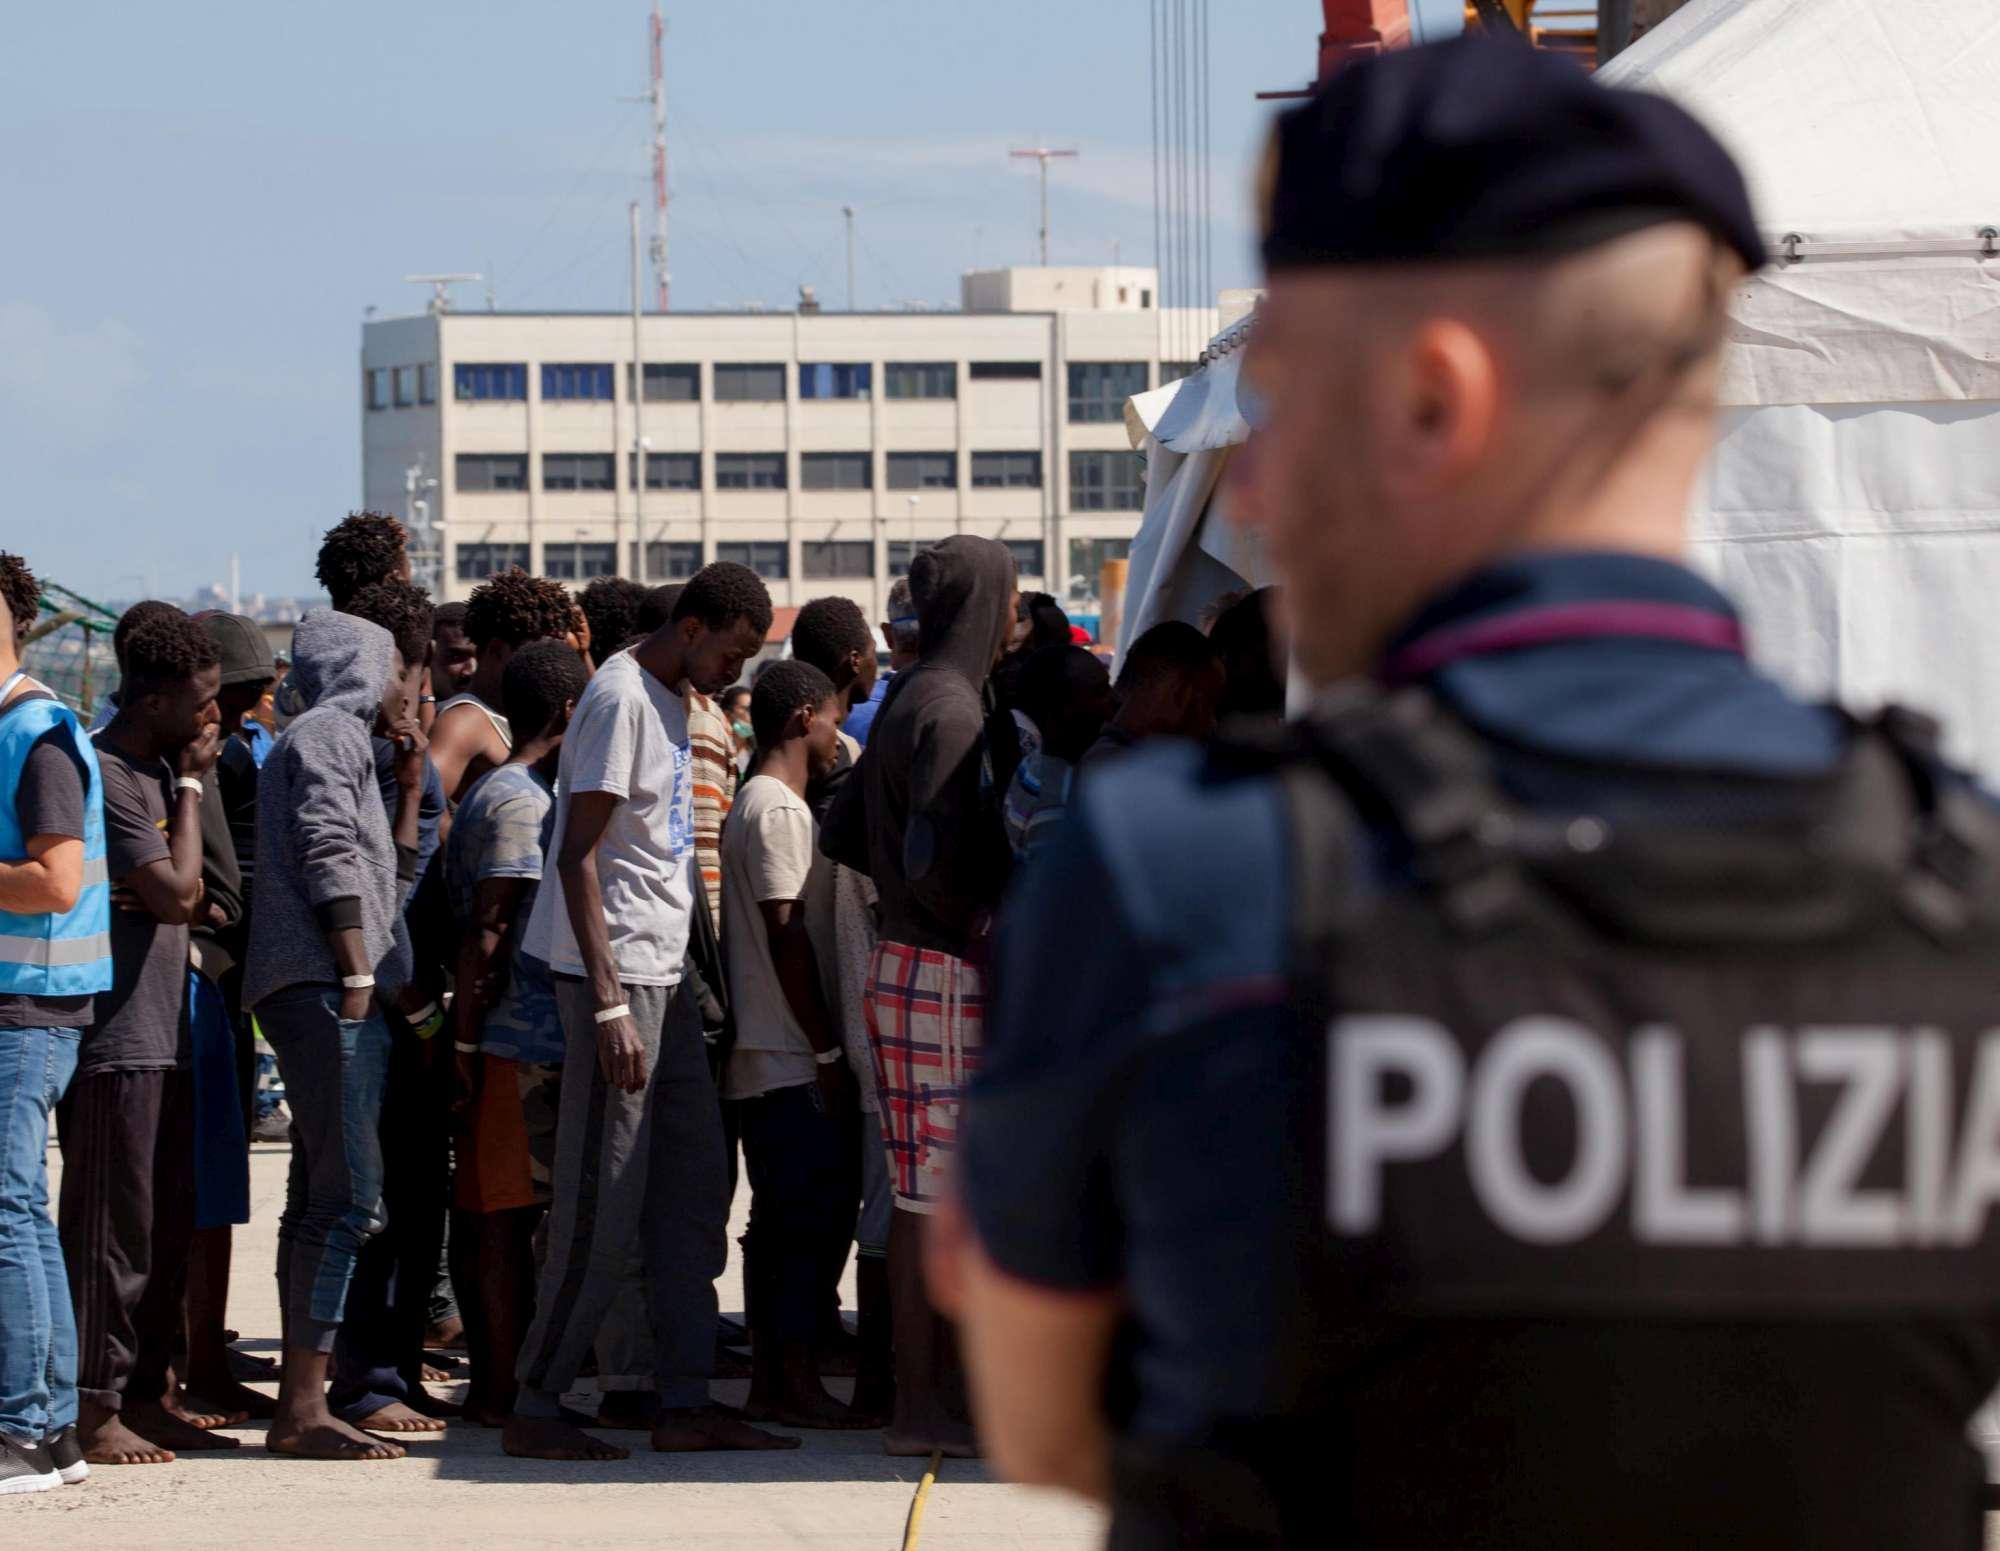 Migranti, primi sbarchi dell era Salvini: 232 arrivi a Reggio Calabria